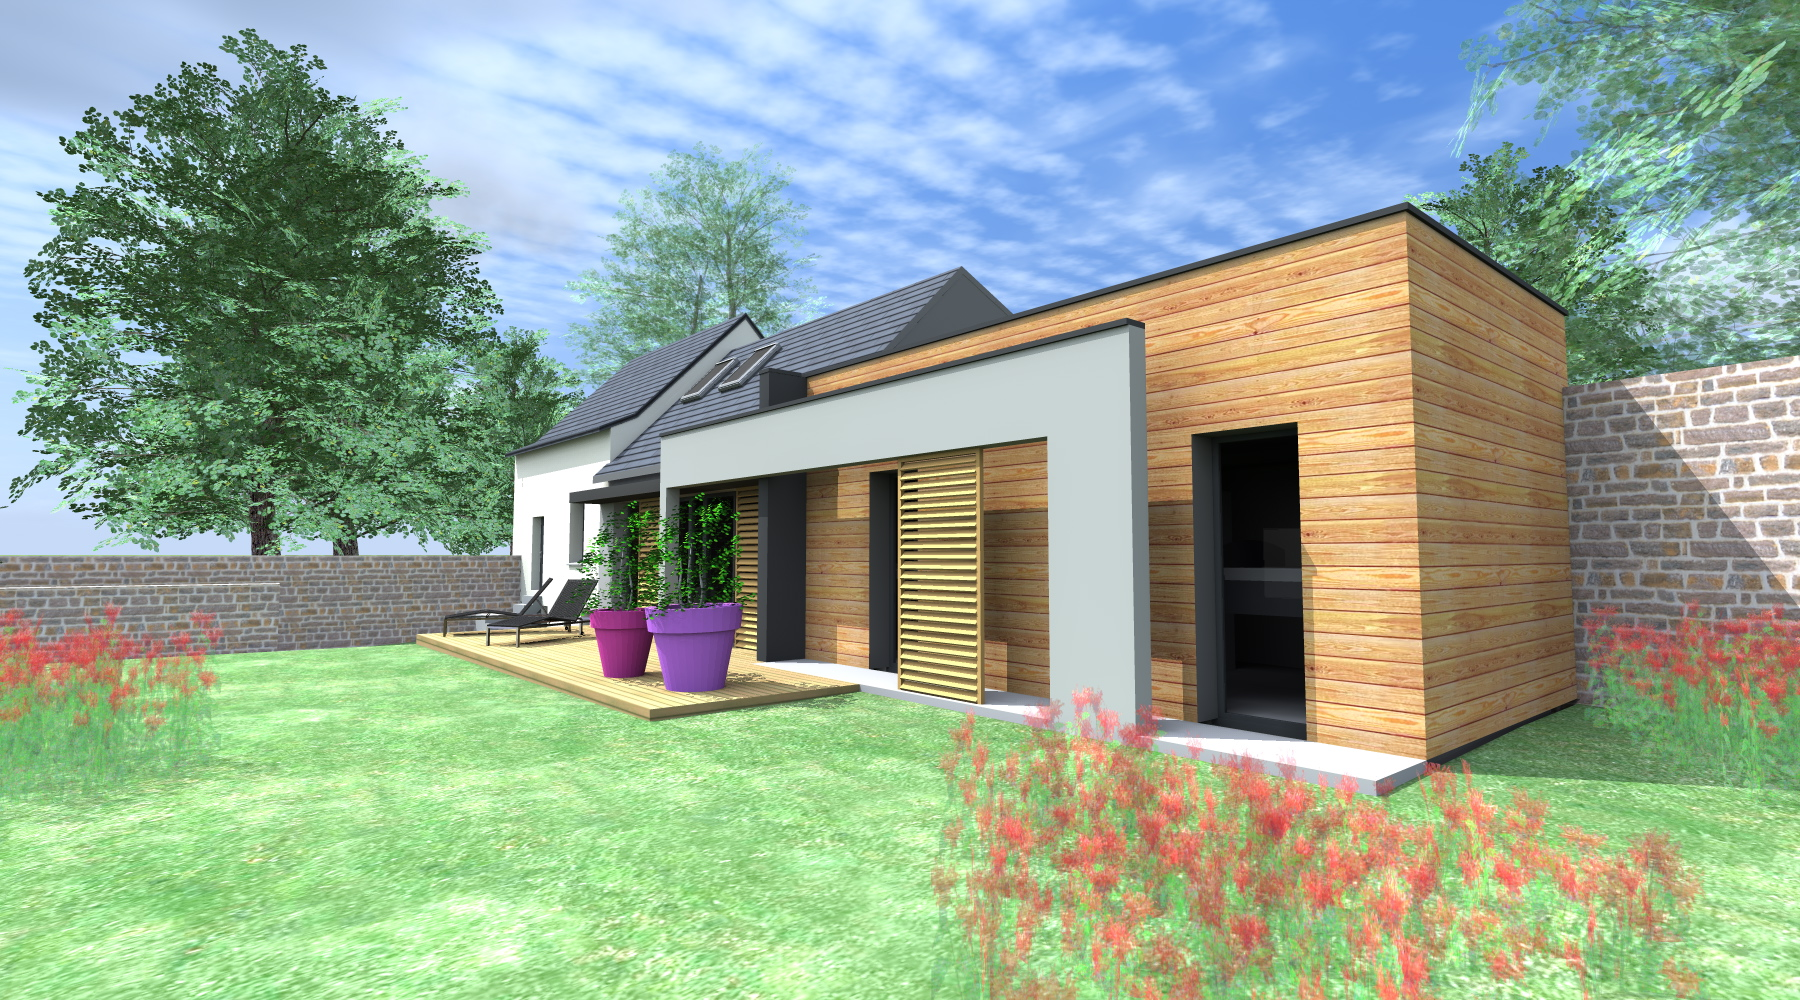 projet f d 1 2 vue architecte lise roturier rennes 35000. Black Bedroom Furniture Sets. Home Design Ideas